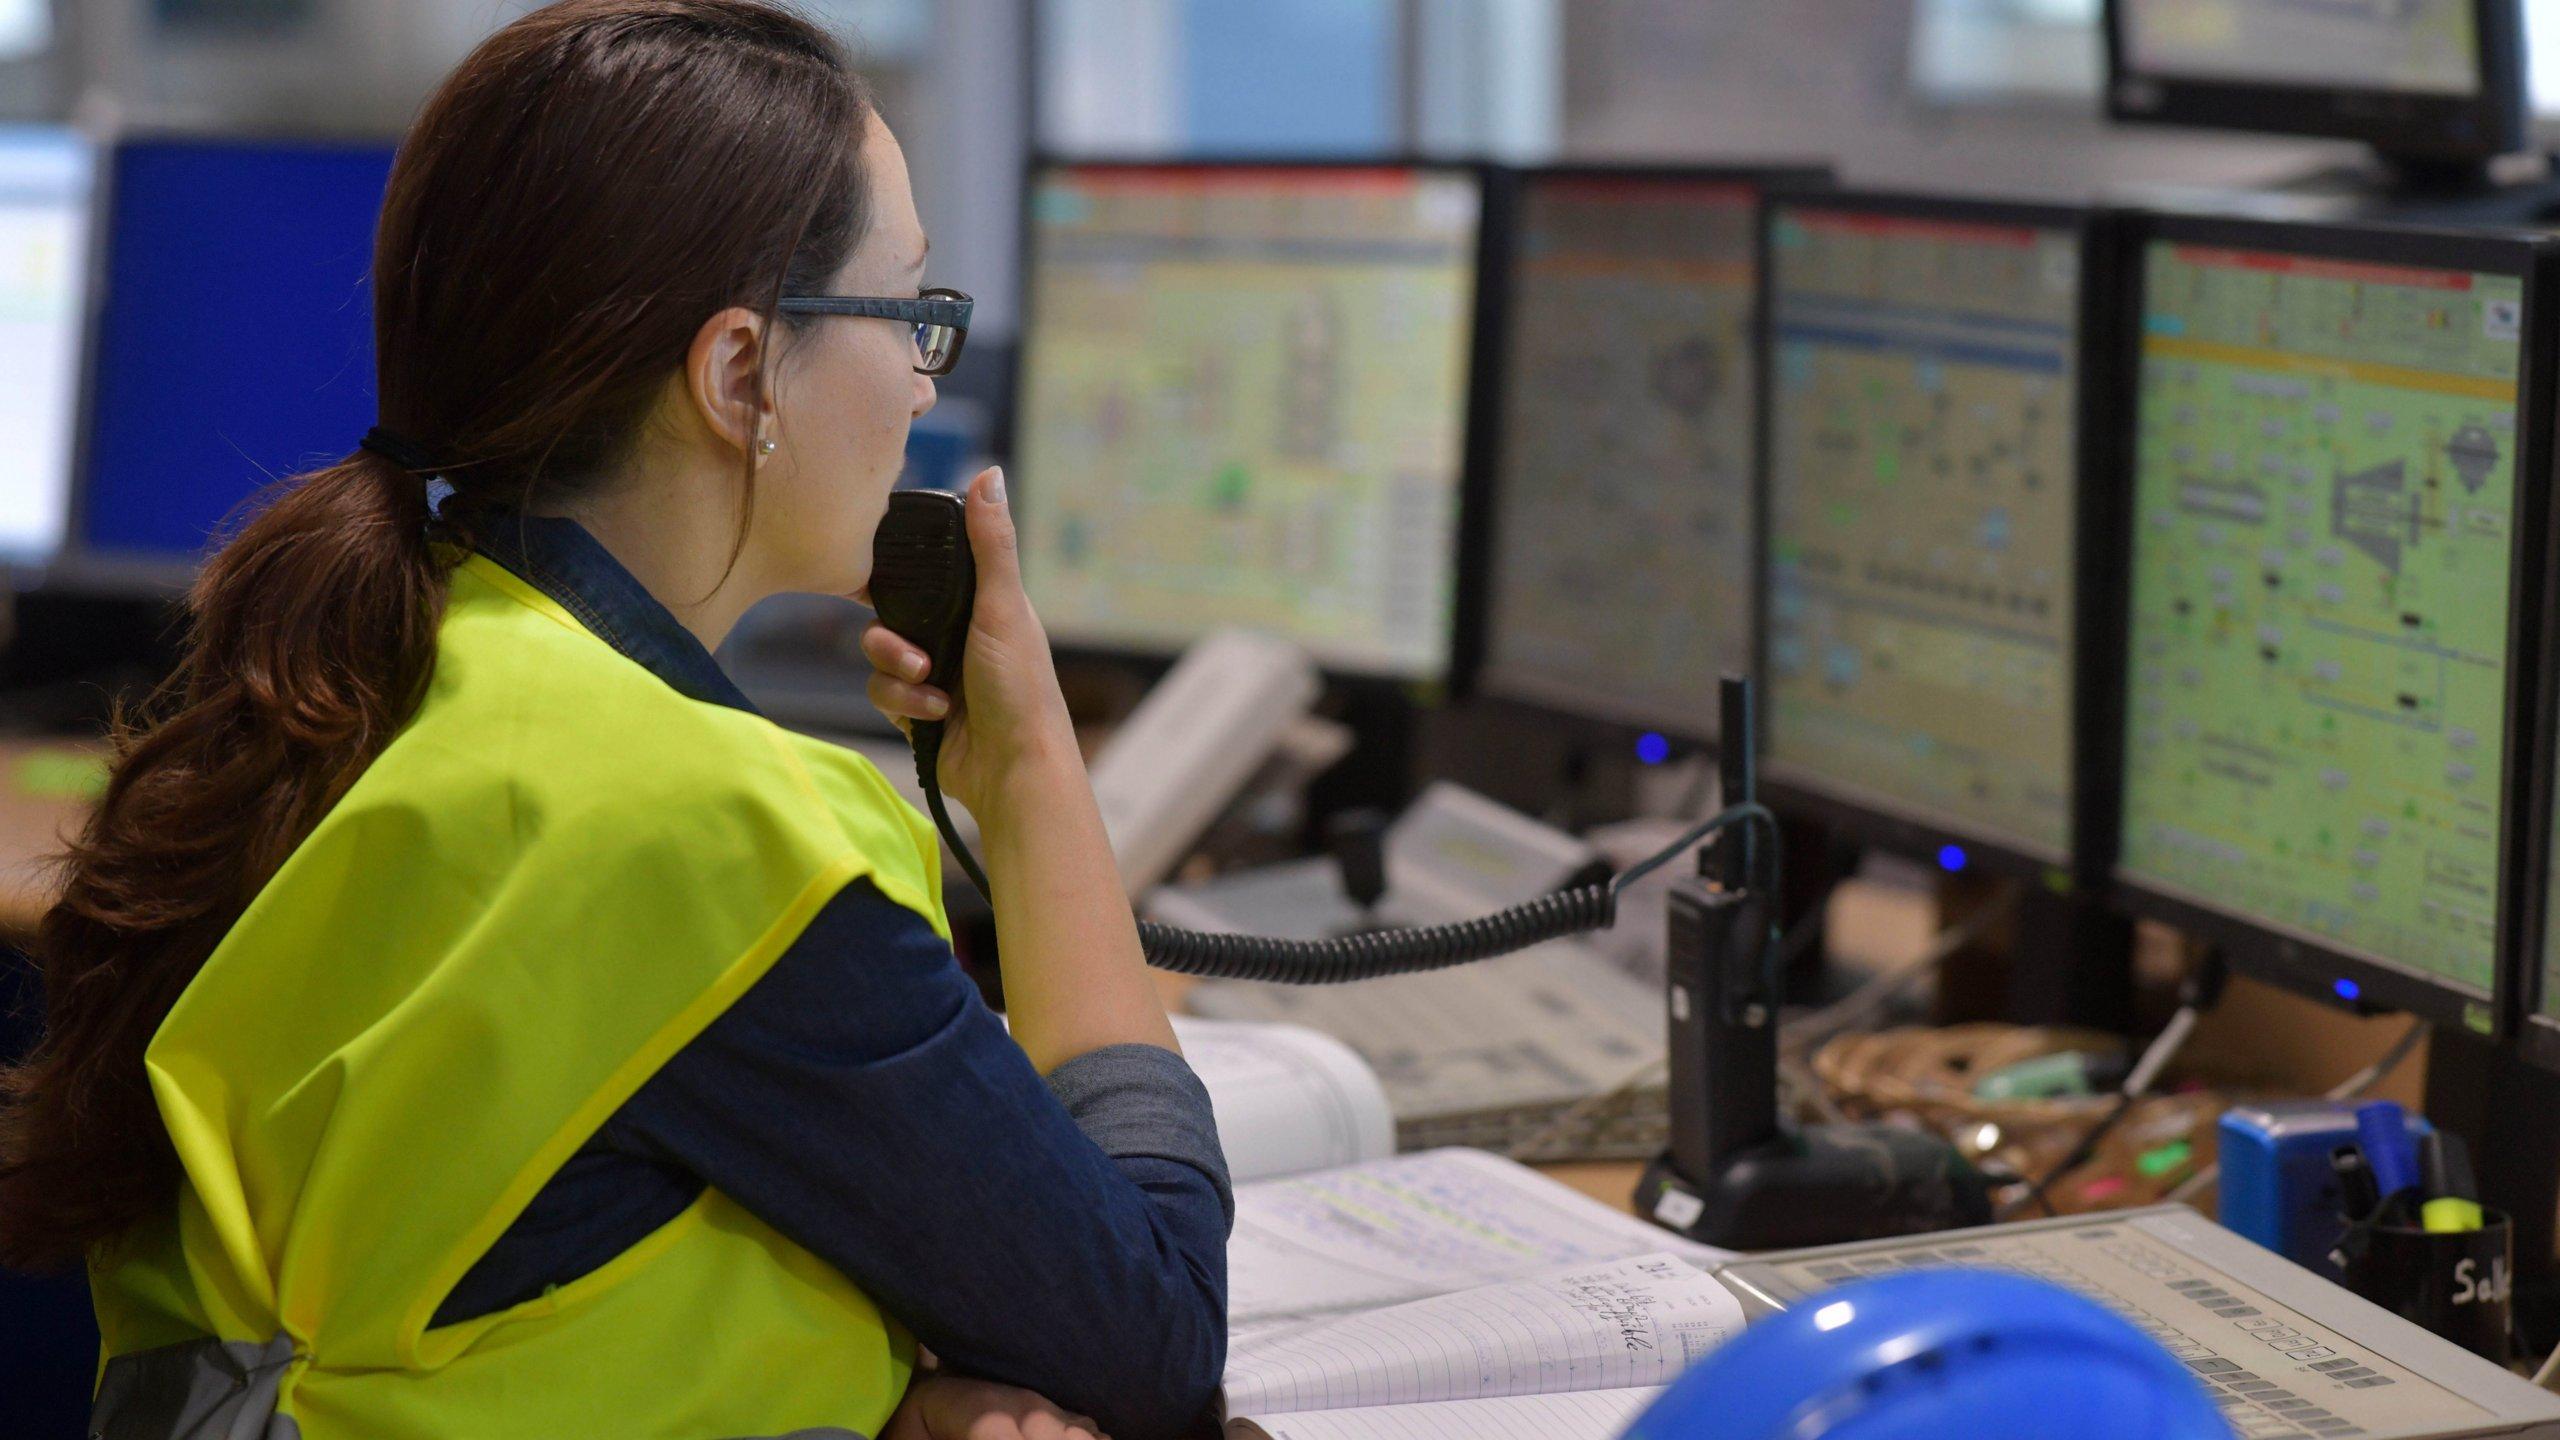 複数のモニタでソフトウェアを監視する女性従業員